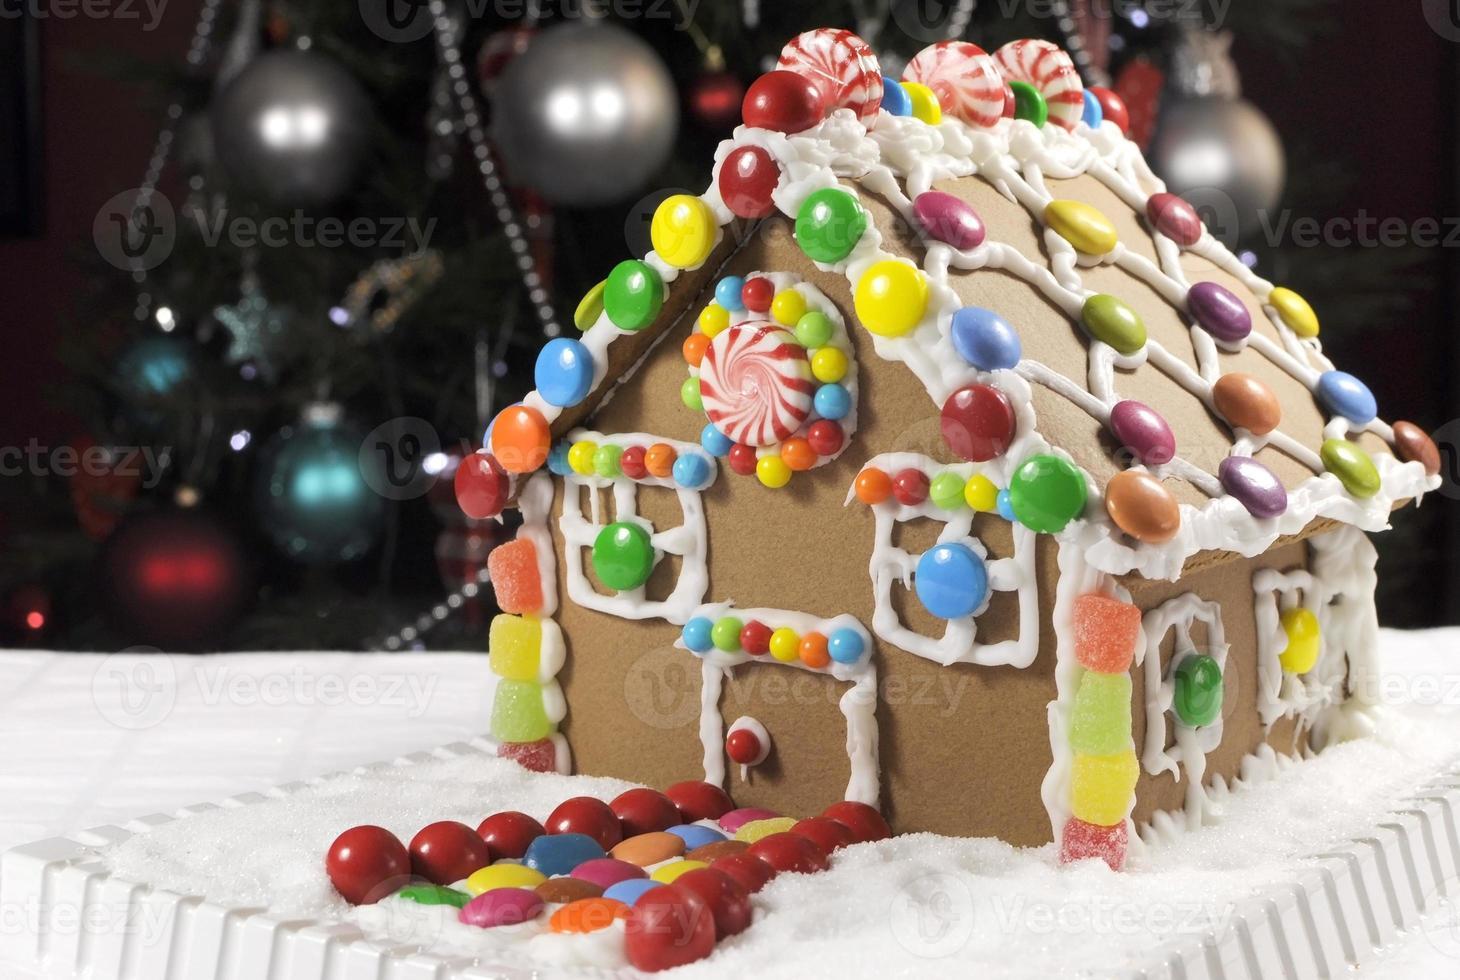 casa di marzapane natalizia fatta con glassa e caramelle dolci. foto